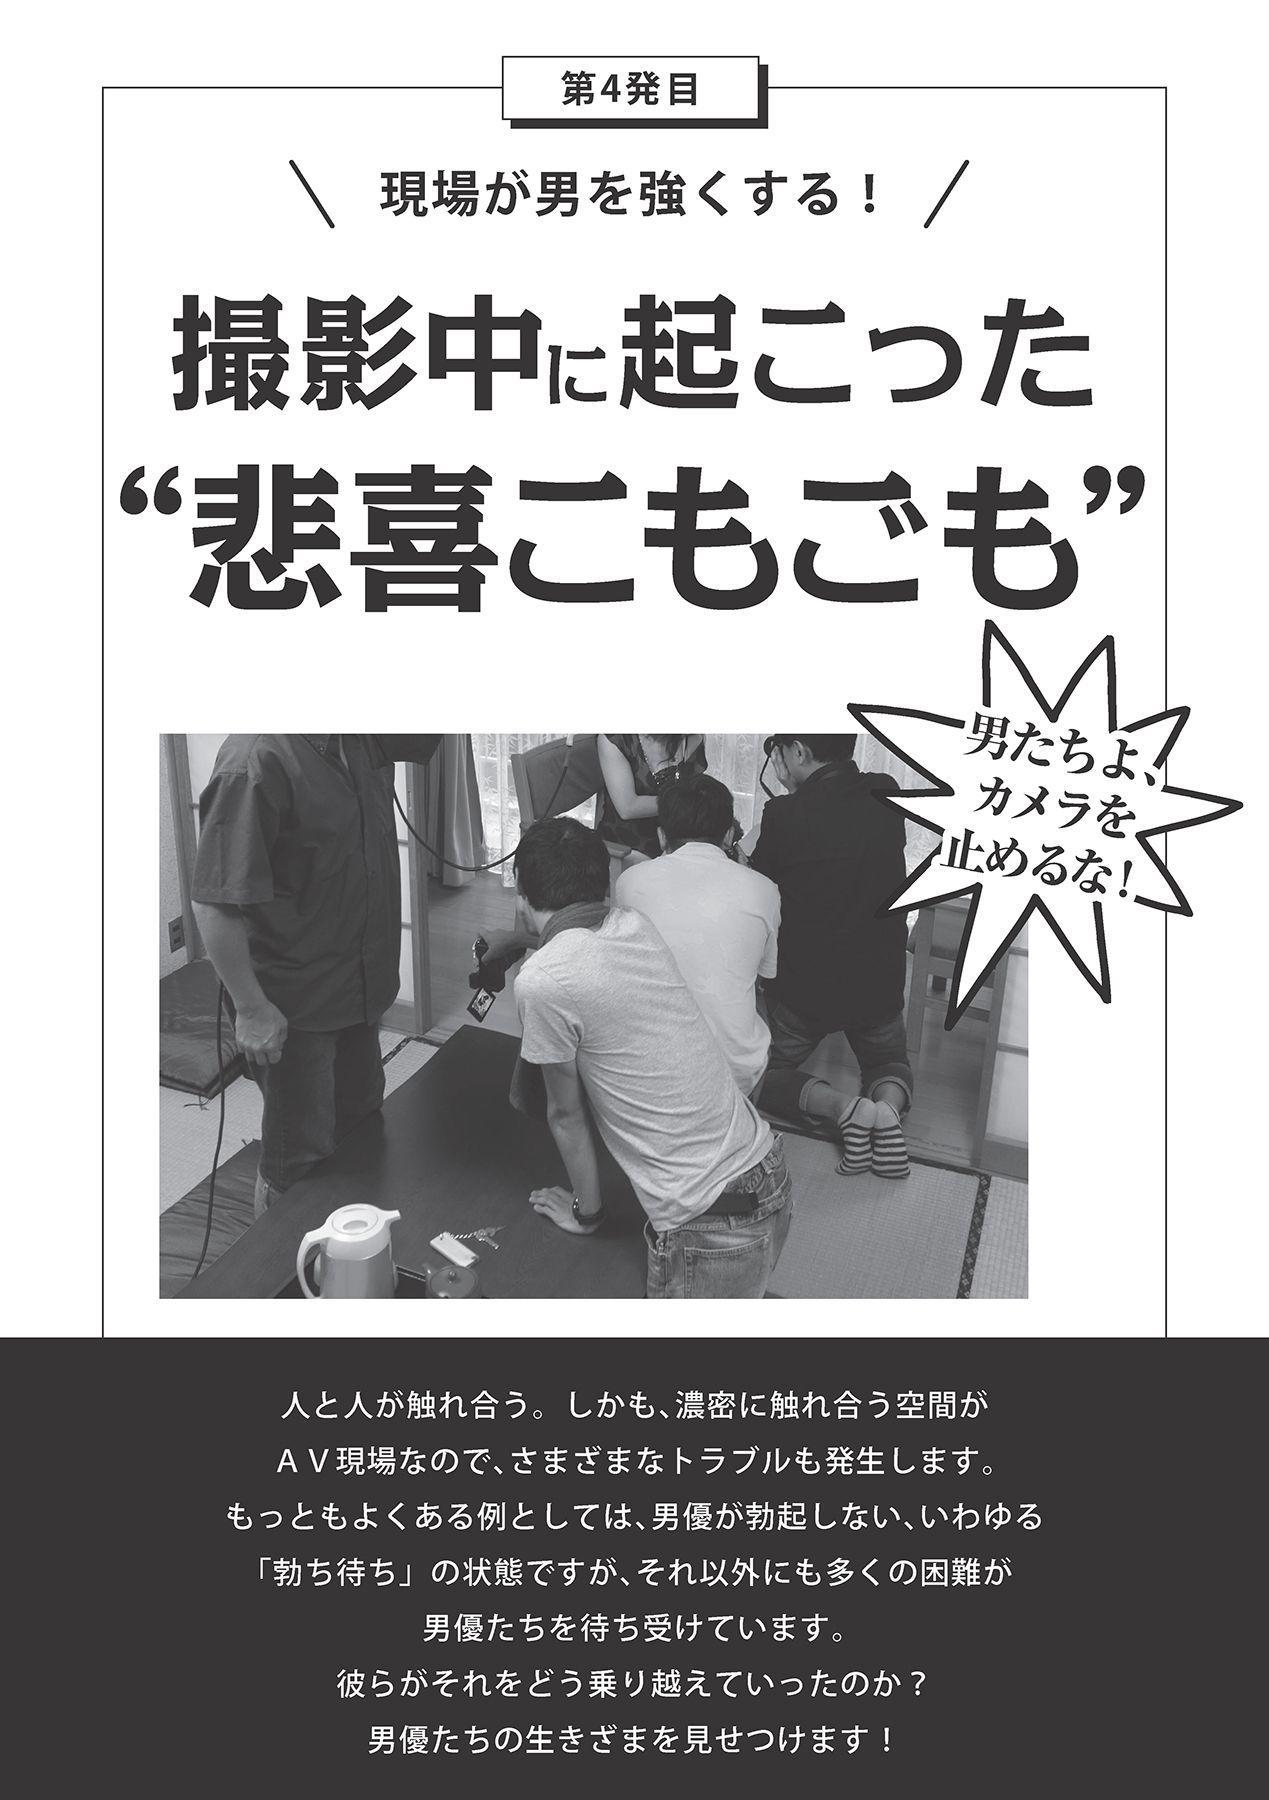 AV男優になろう! イラスト版 ヤリすぎッ! 72